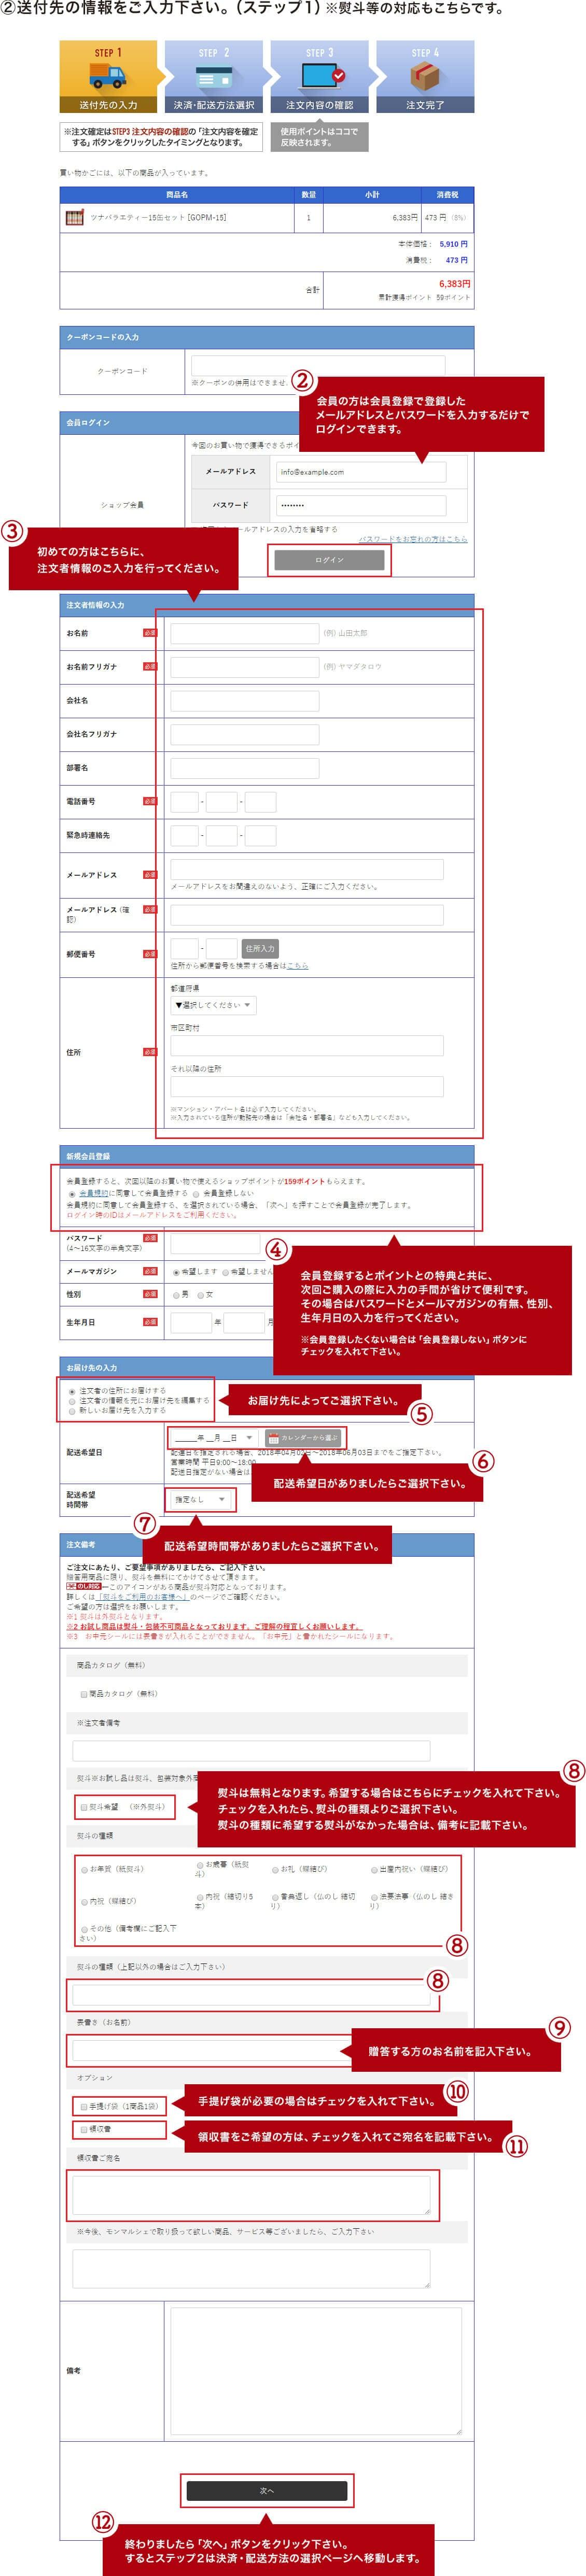 送付先の情報をご入力下さい。